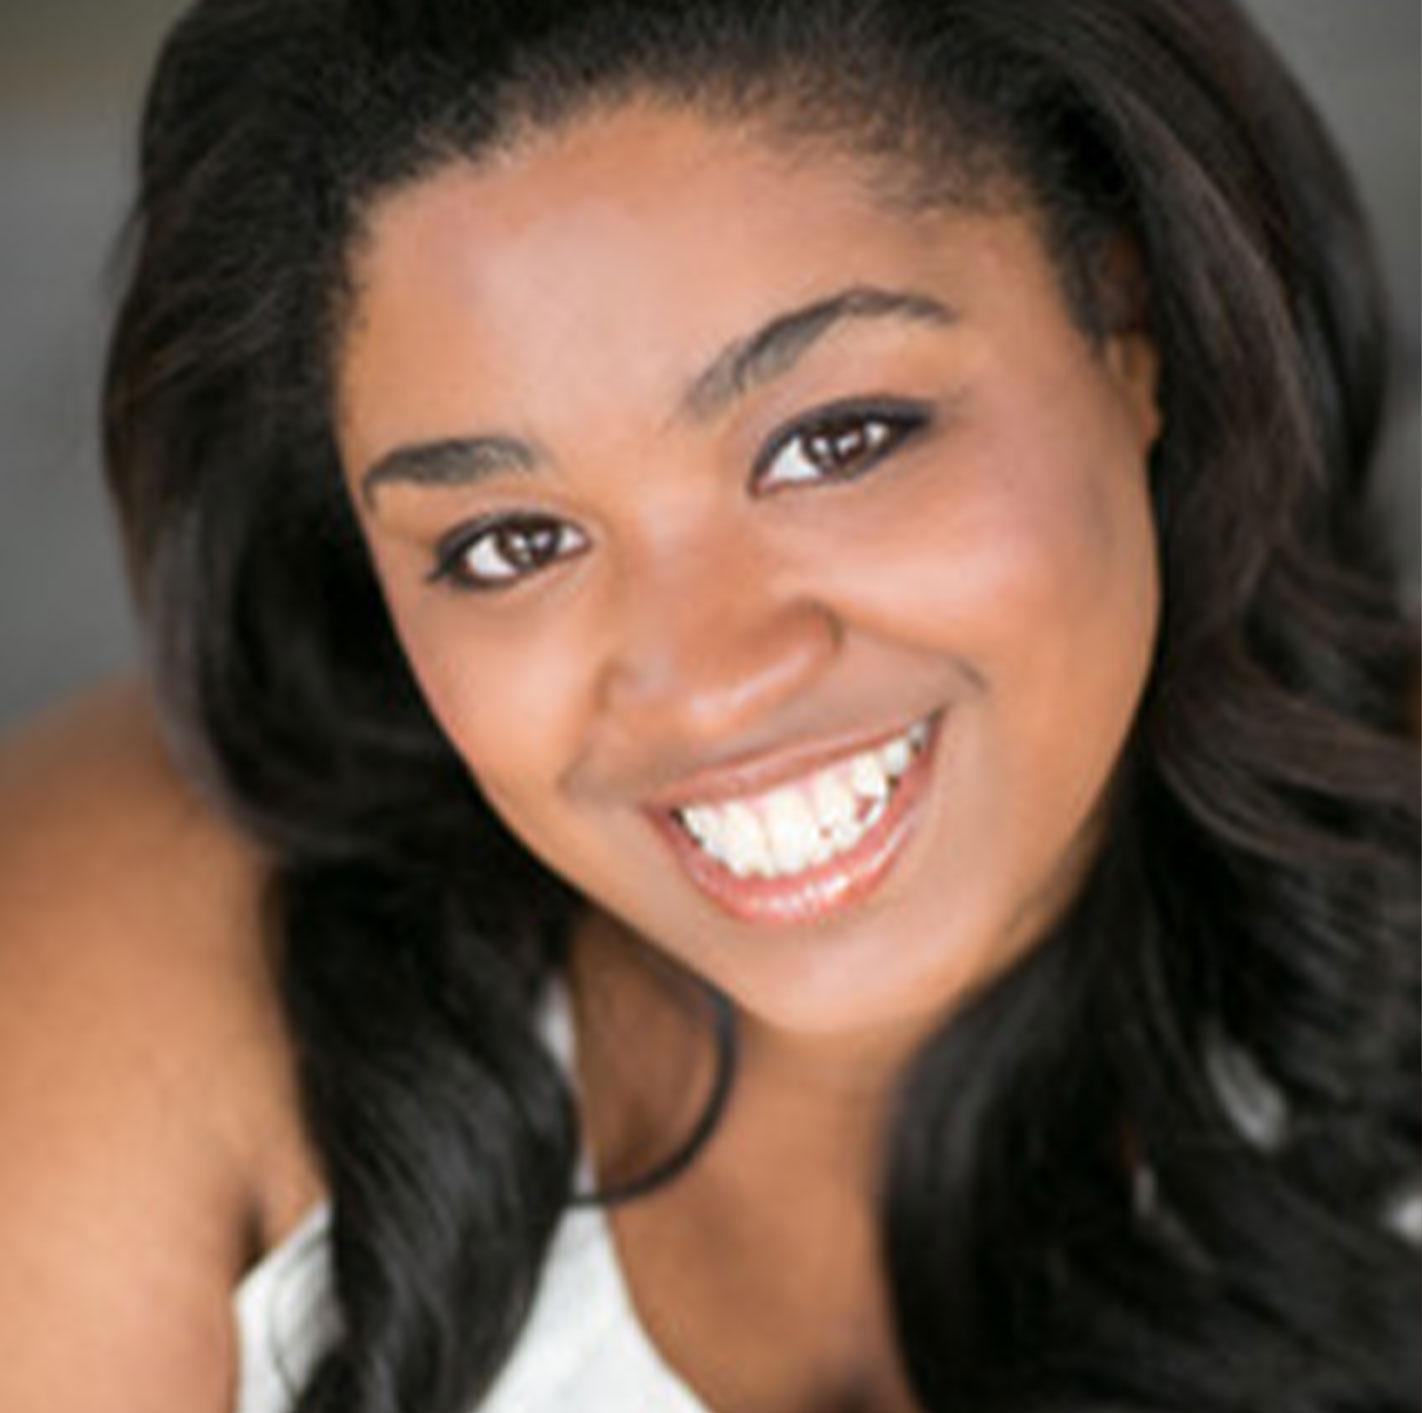 Adrianna Cleveland